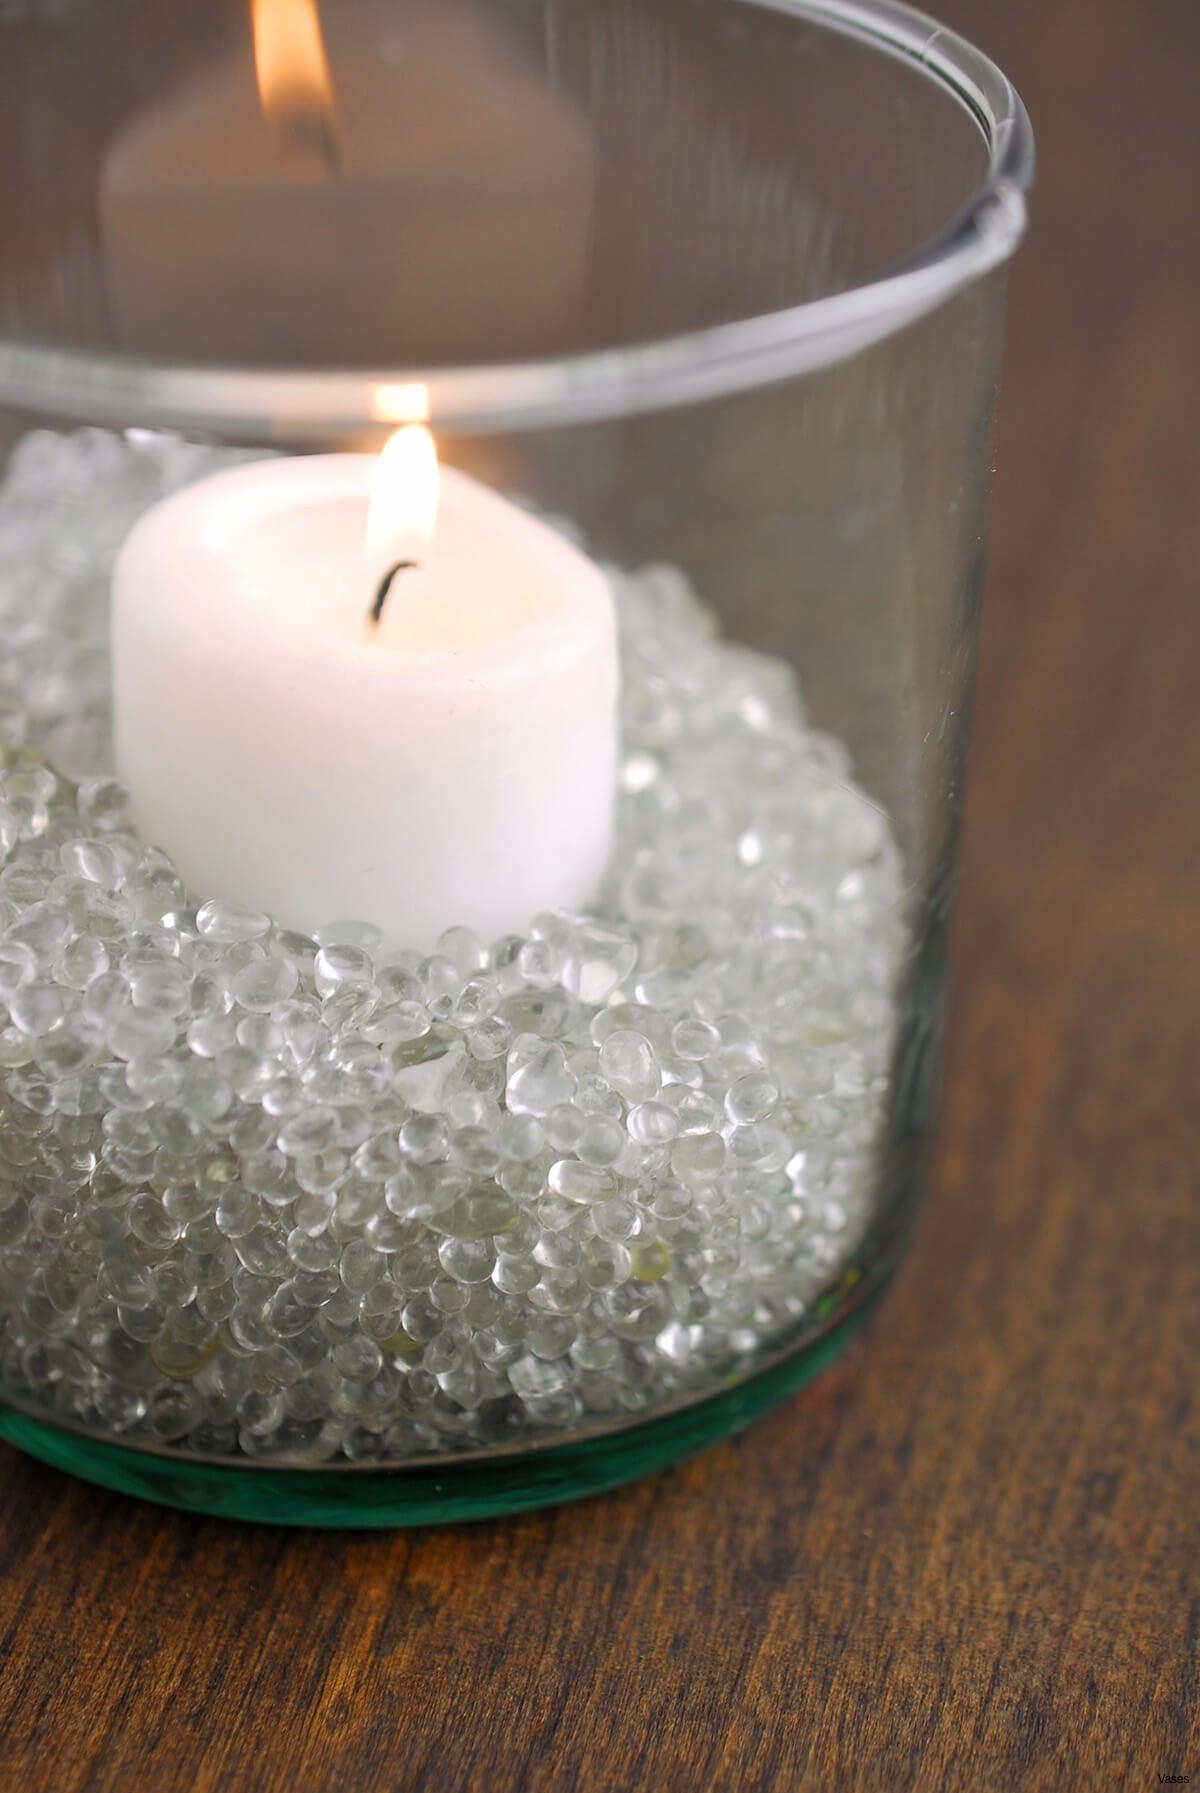 White Vase Filler Of Glass Bowls for Floating Candles Photograph Glass Bead Vase Filler 1 Inside Glass Bead Vase Filler 1 4h Vases Candle Fillers Clear 2 Cups I 0d